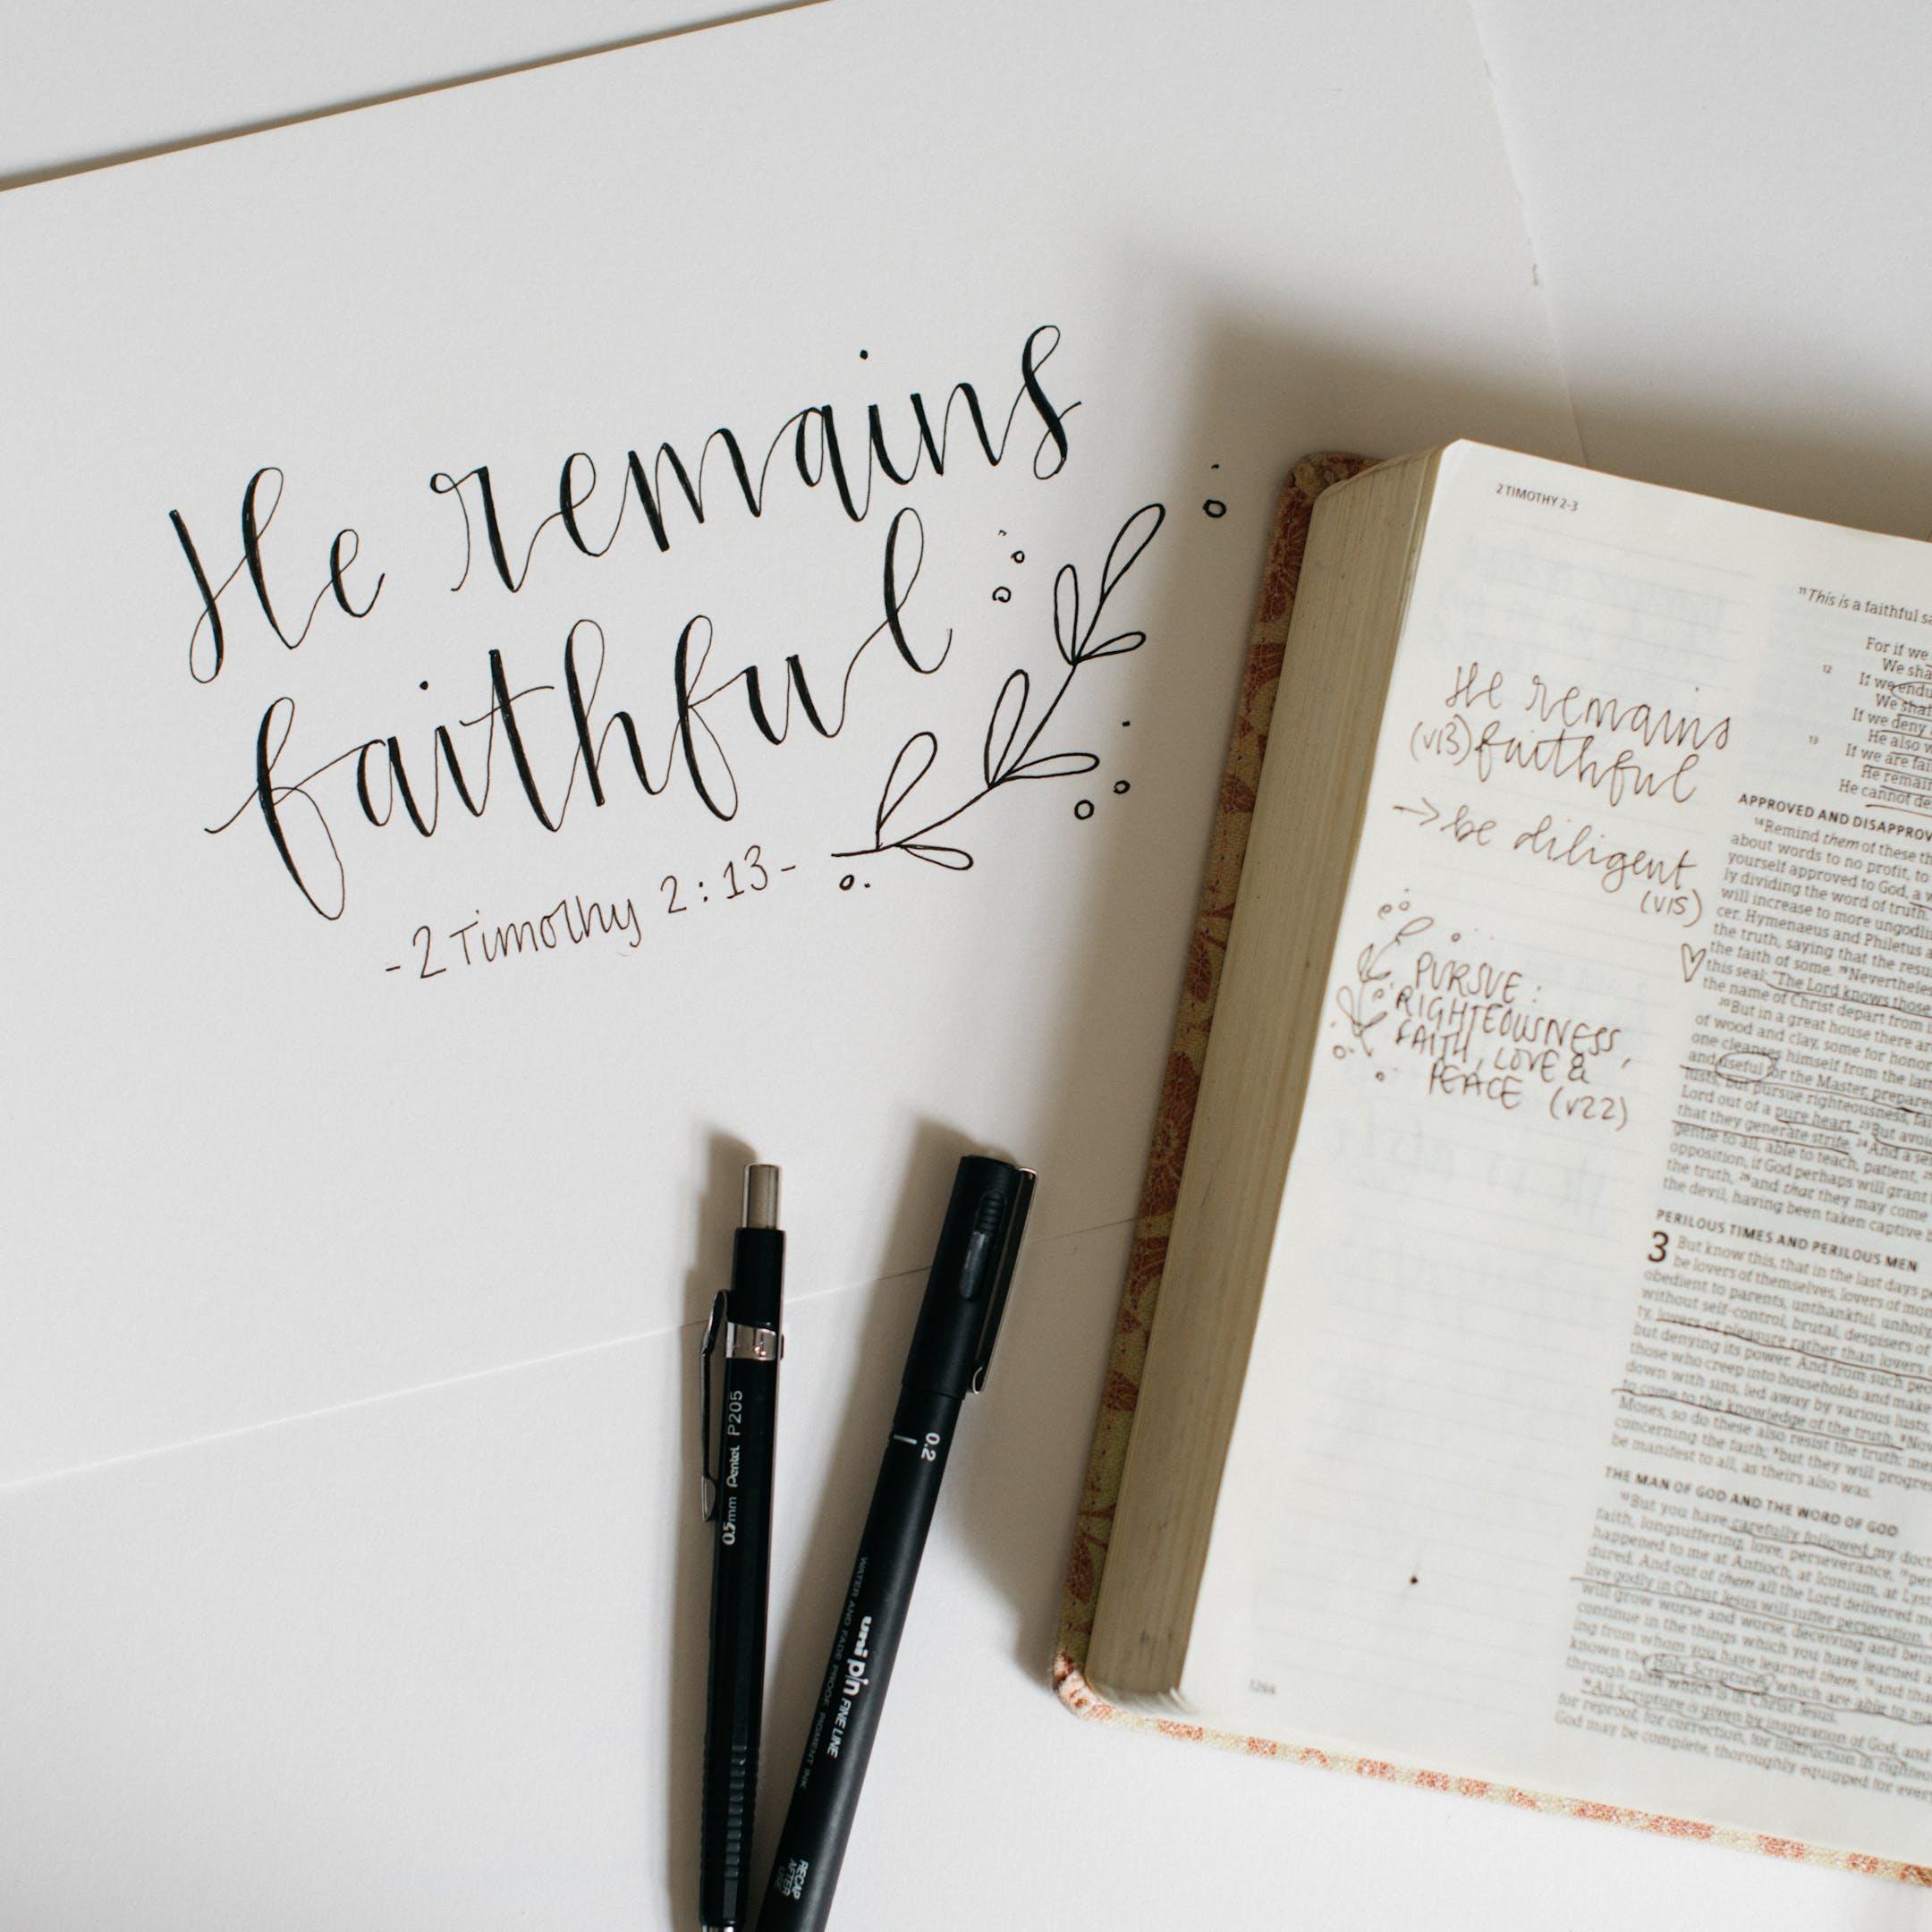 2 Timothy 2:13 Calligraphy Print - Kate Hanks Art